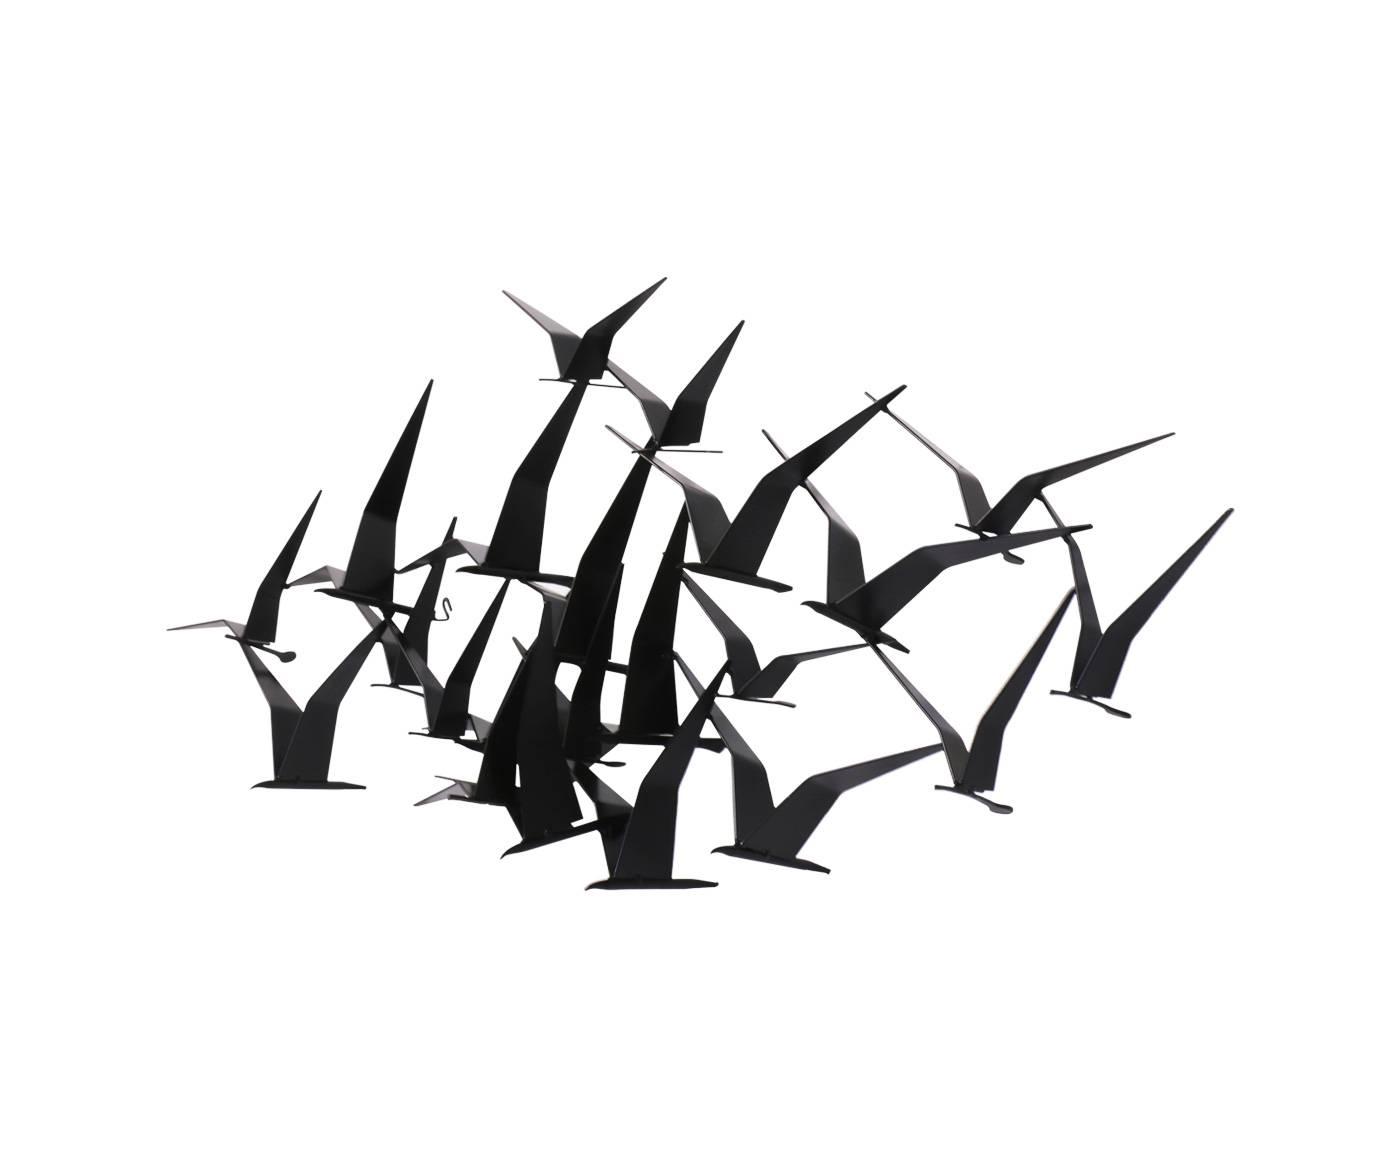 """Curtis Jere """"Flock Of Birds"""" Wall Art Sculpture For Artisan House Intended For 2017 Flock Of Birds Wall Art (View 10 of 25)"""